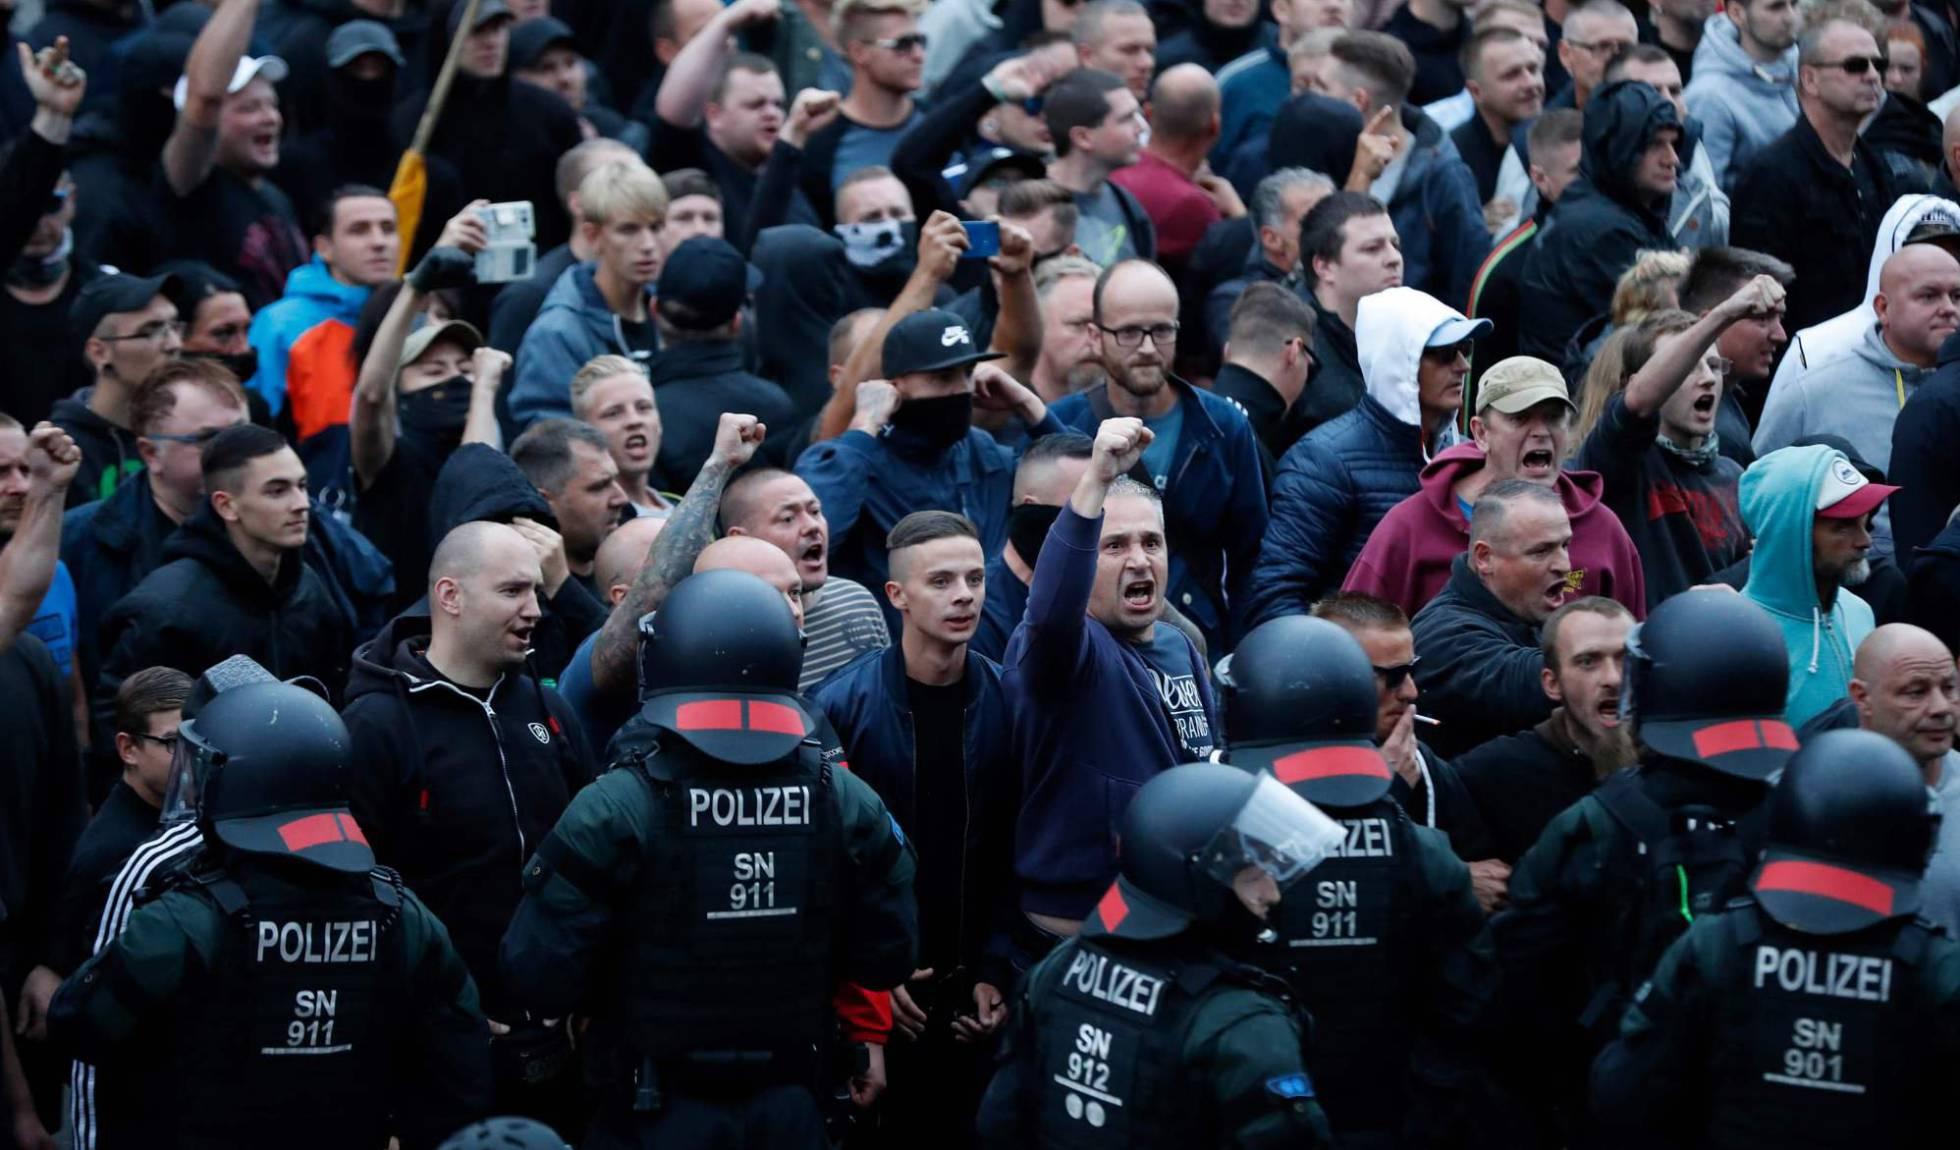 La ultraderecha toma las calles de una ciudad alemana